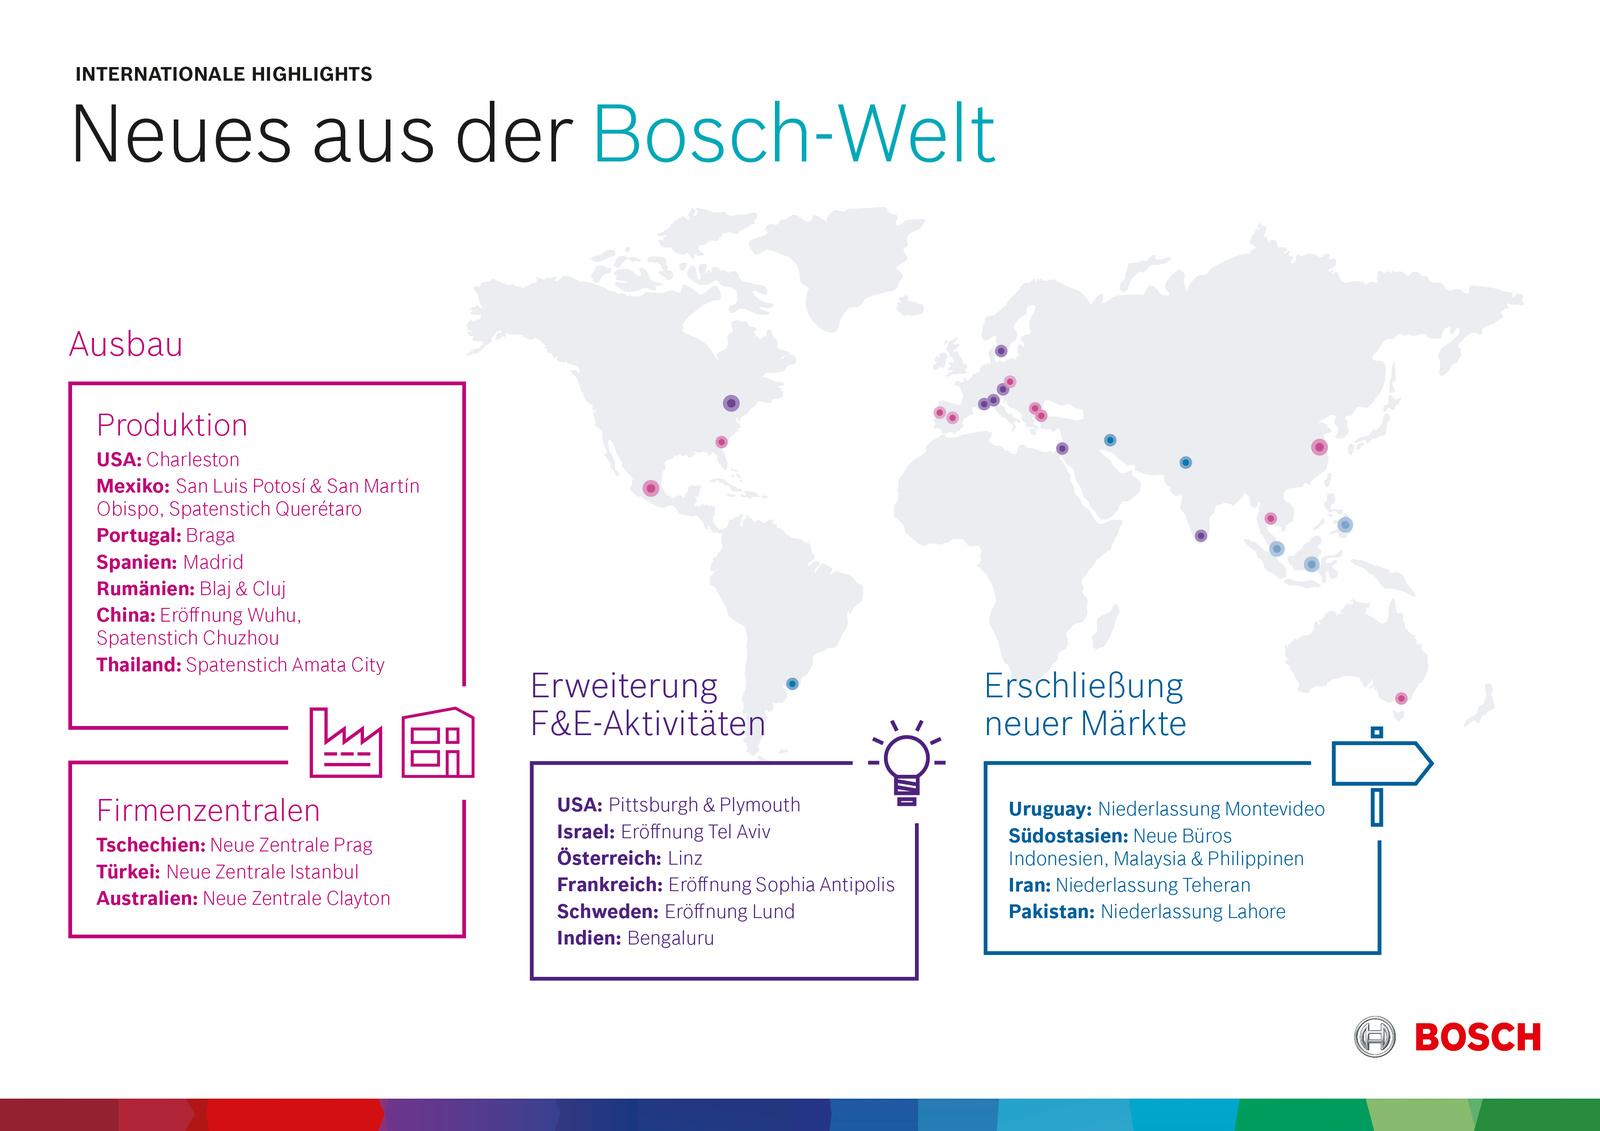 Neues aus der Bosch-Welt: Ausbau der internationalen Aktivitäten